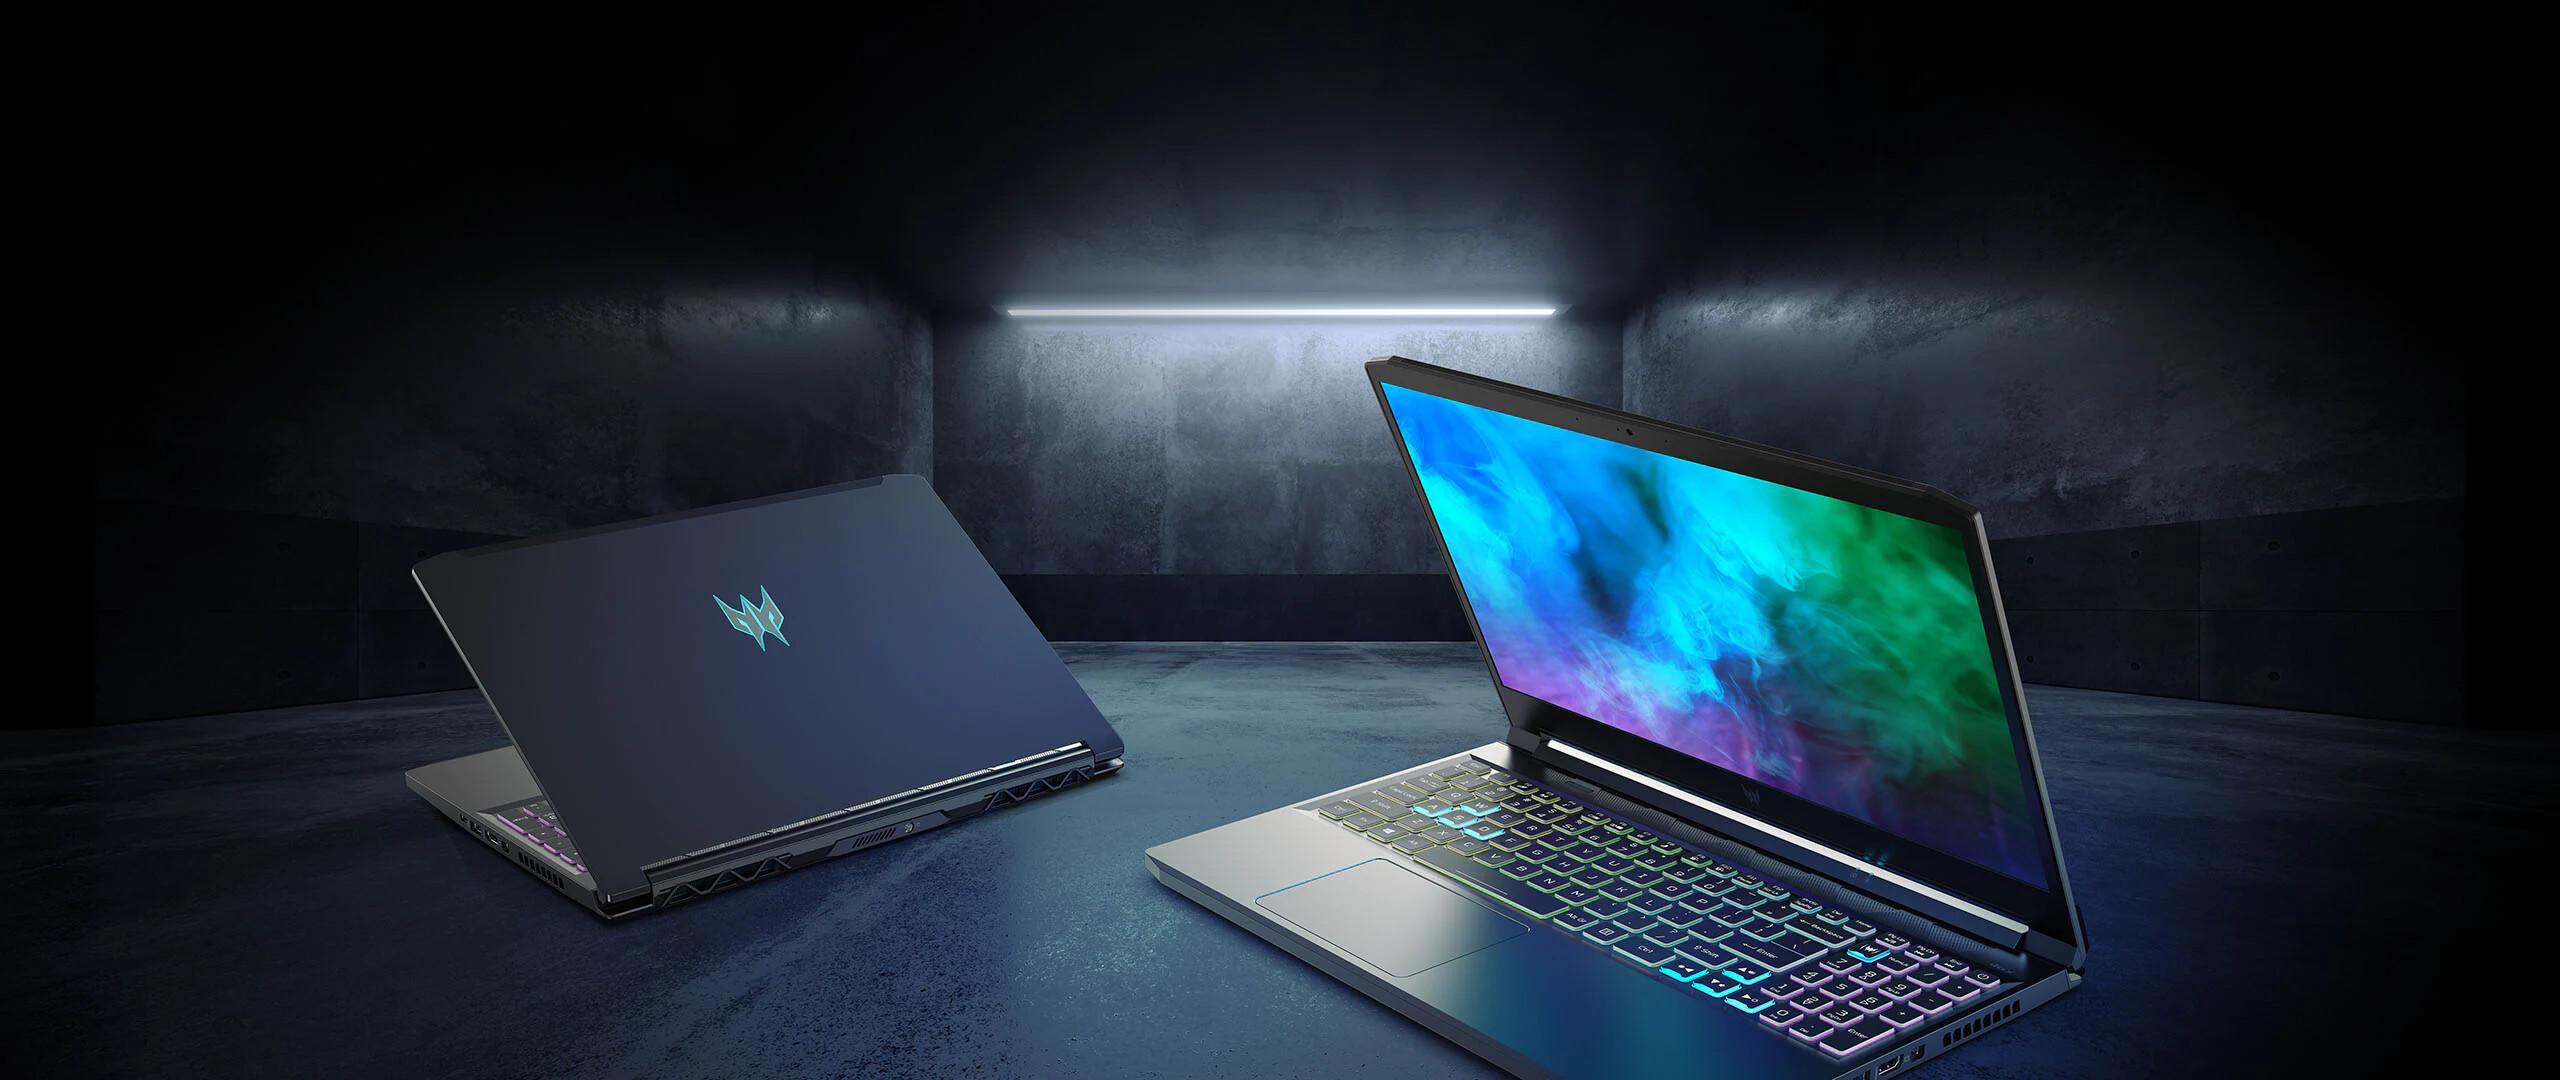 Acer anuncia los portátiles para juegos Predator Triton 300, Predator Helios 300 y Nitro 5